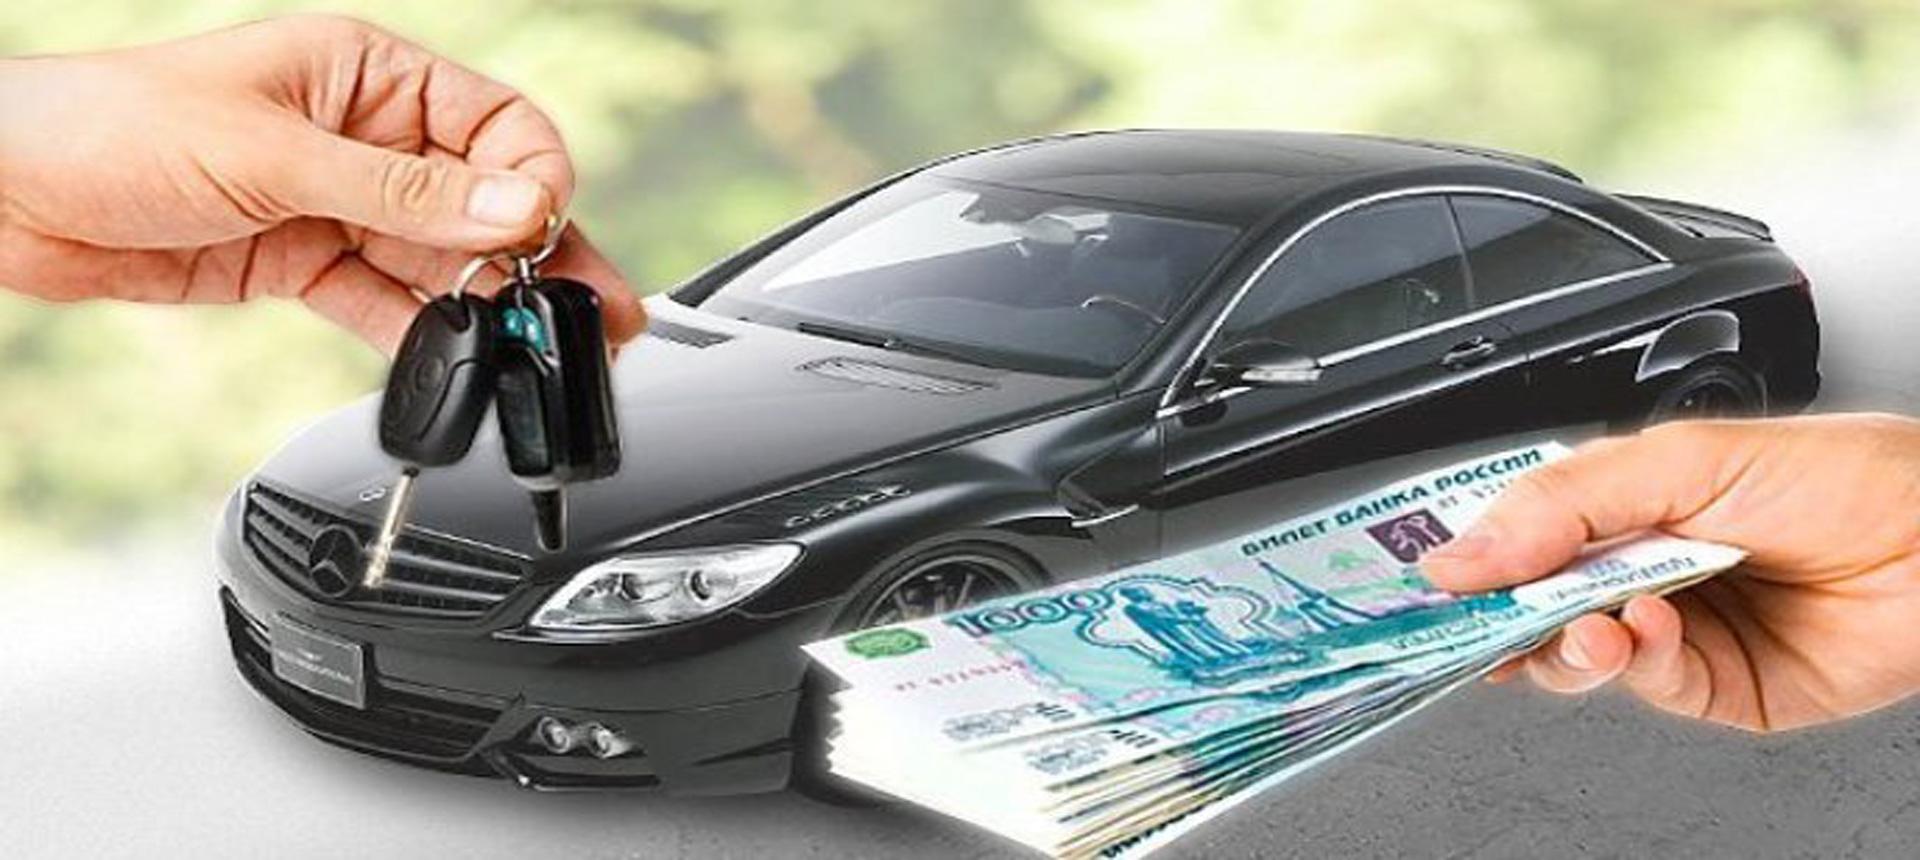 Услуги по выкупу автомобилей с проблемами